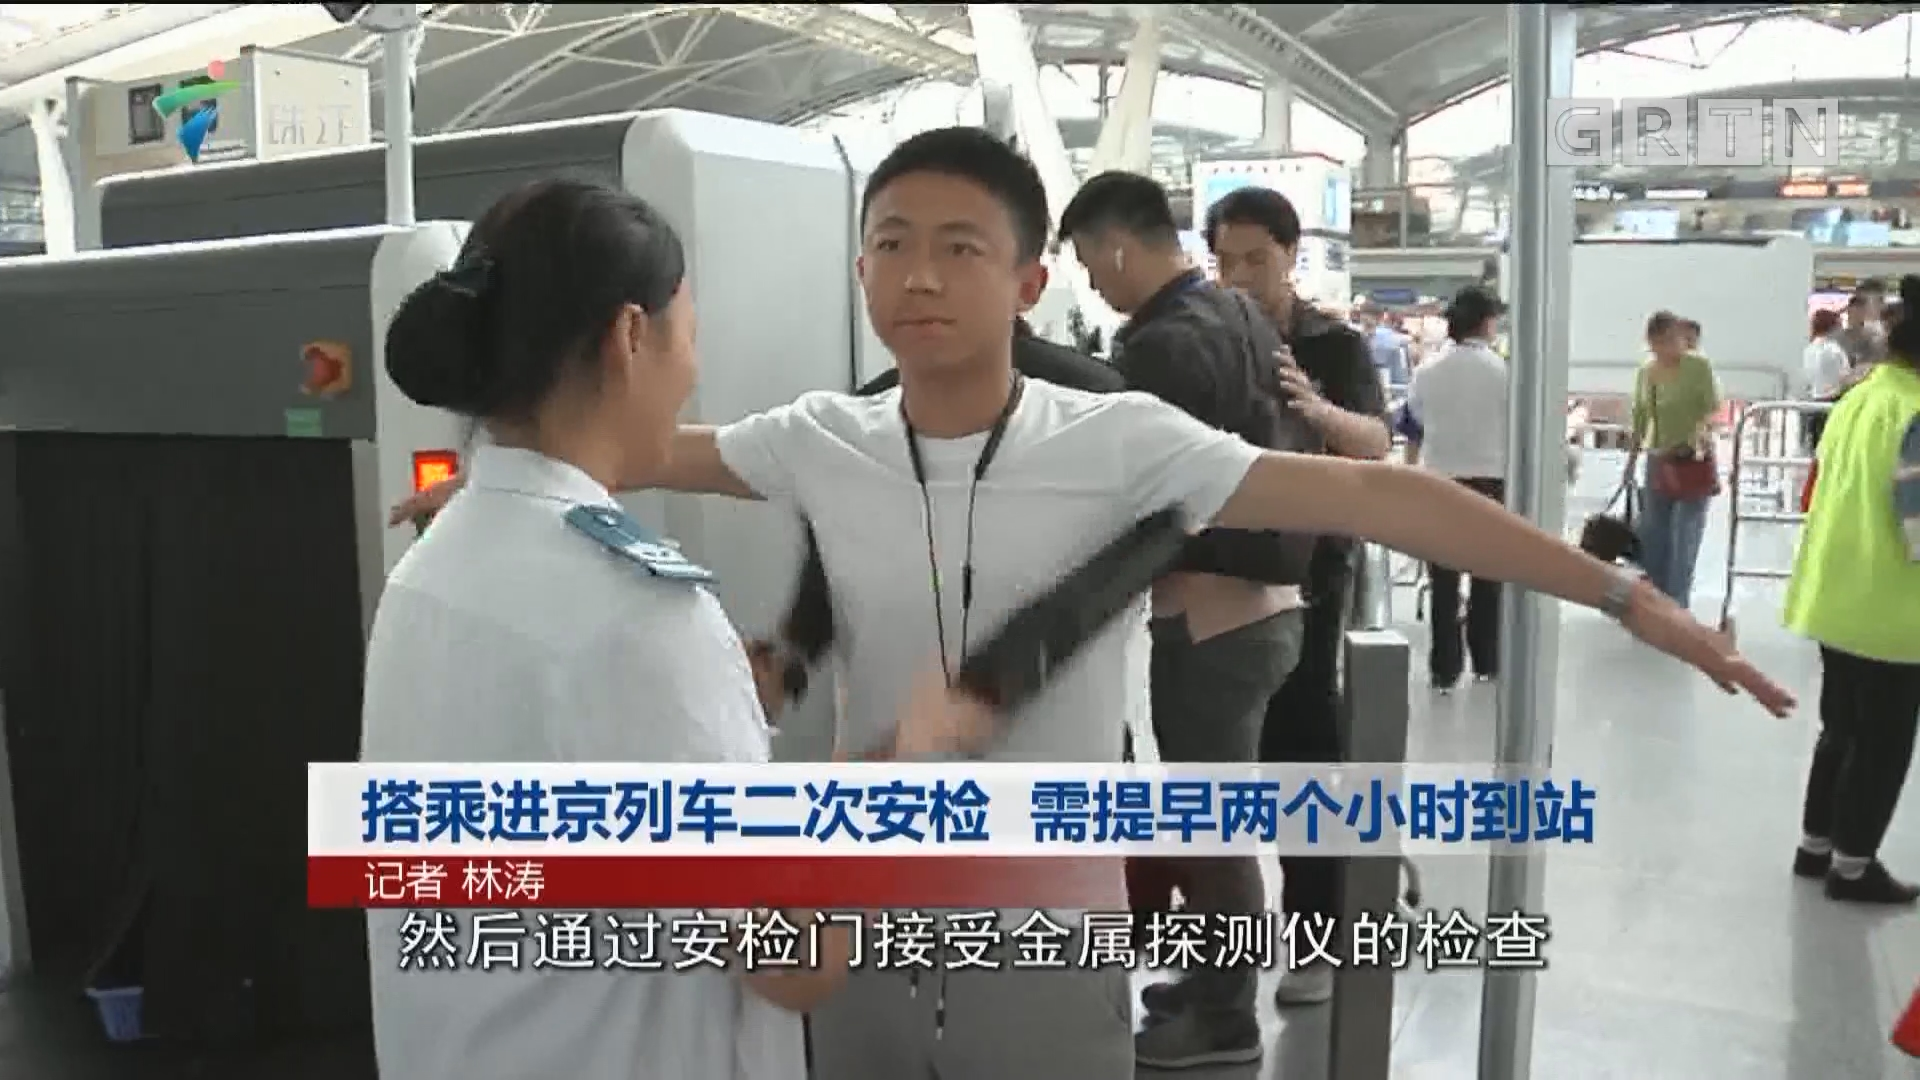 搭乘进京列车二次安检 需提早两个小时到站